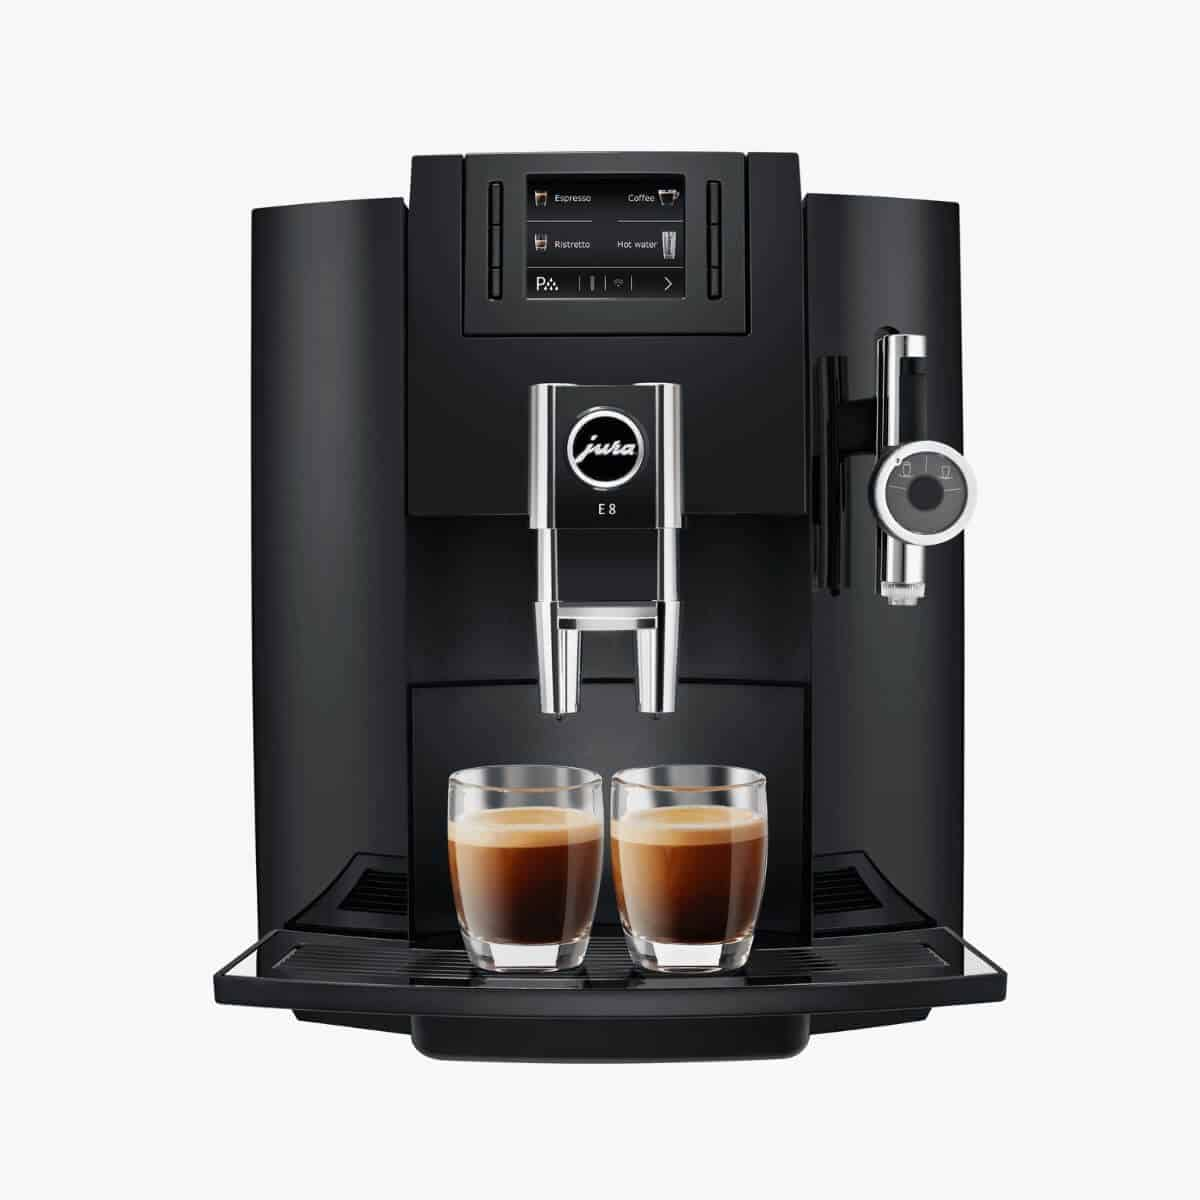 Jura E8 black espresso machine.